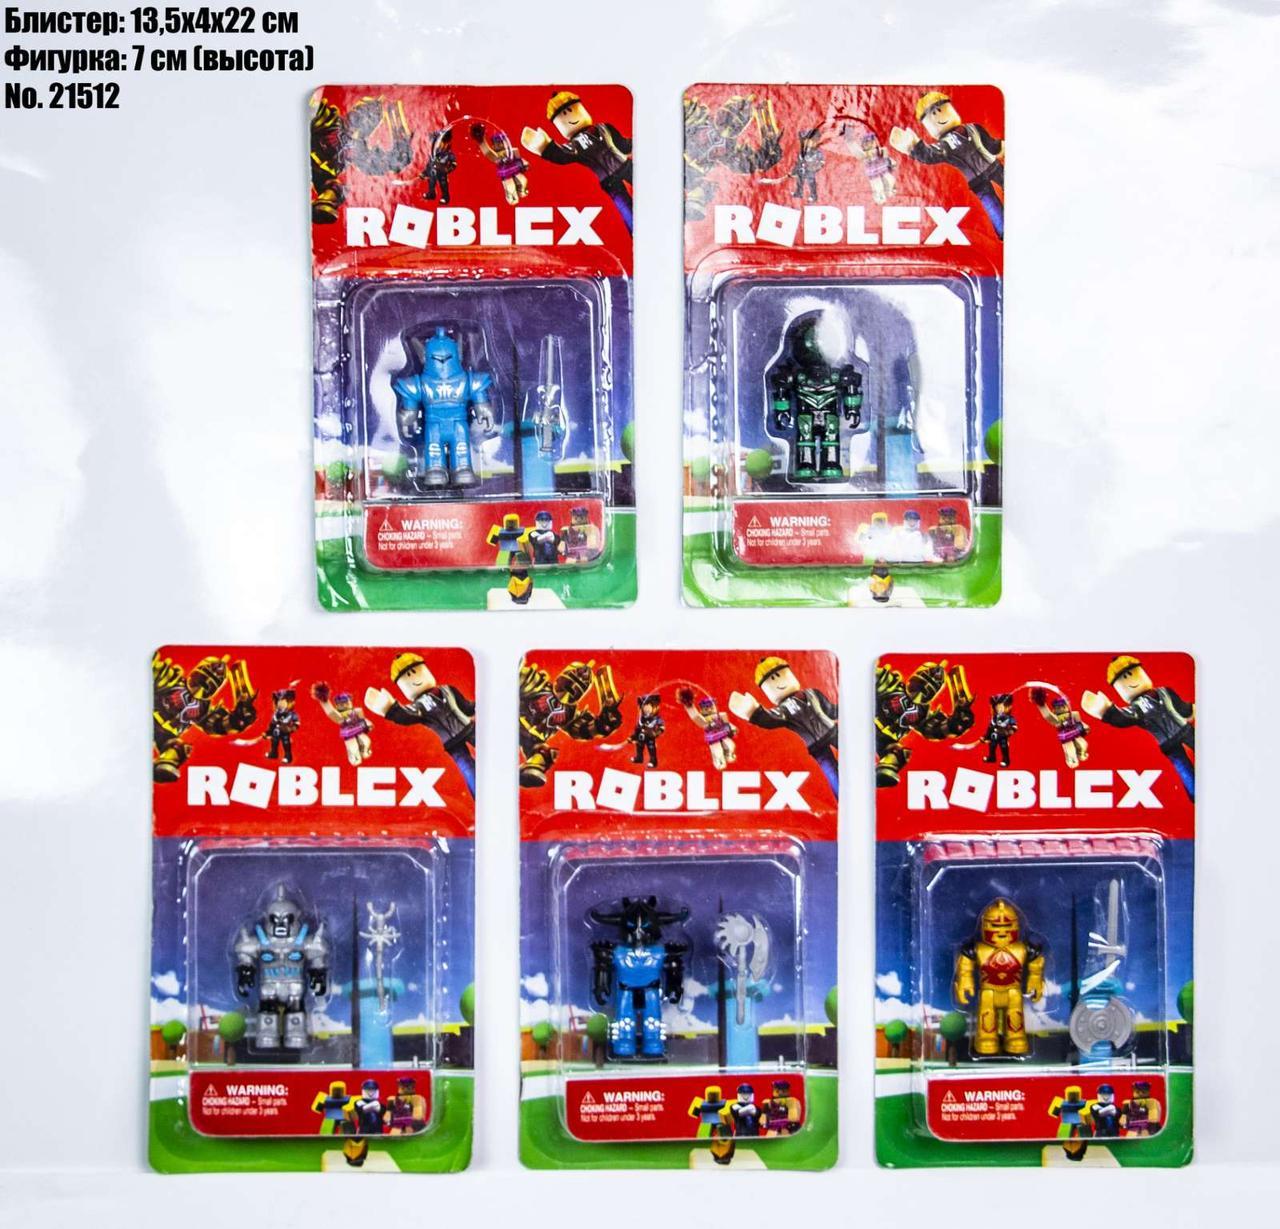 Фігурки Roblox 21512 в блістері